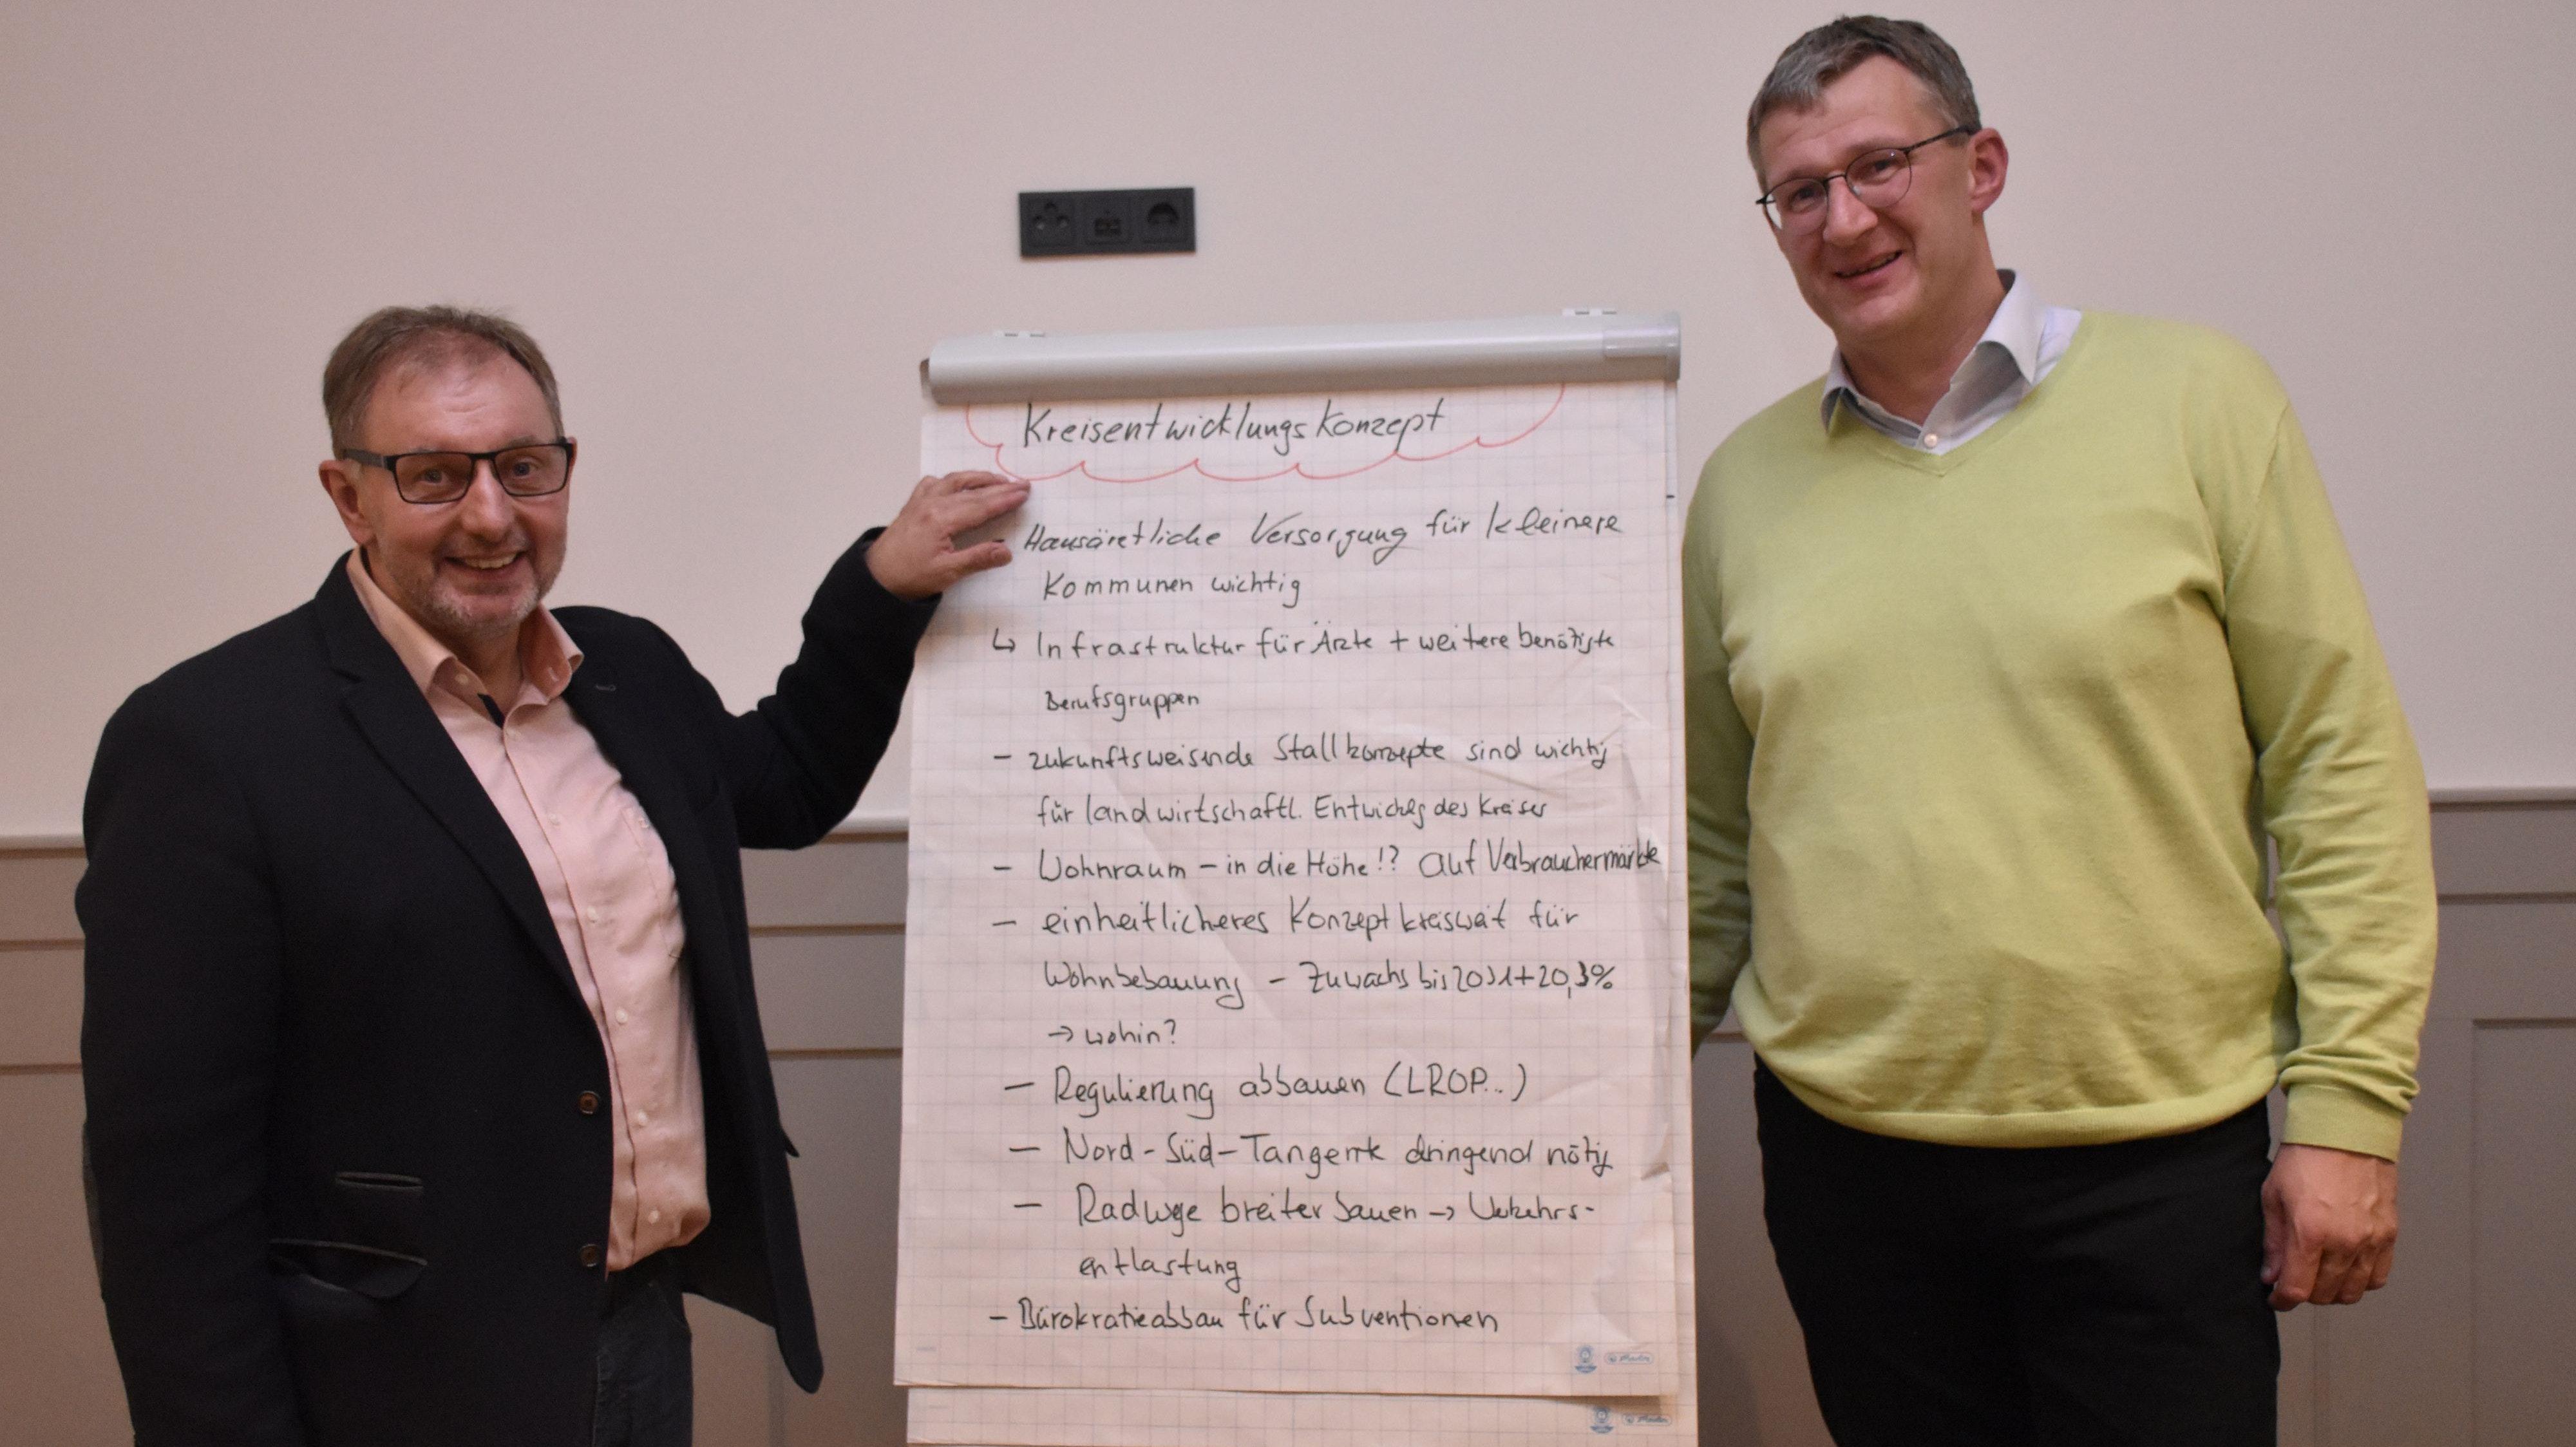 Gemeinsam hat die CDU in Steinfeld Ideen für das Kreisentwicklungskonzept erarbeitet: Kreistagsabgeordneter Mathias Warnking (links) und CDU-Ortsverbandschef Peter Harpenau freuen sich darüber. Foto: Scholz